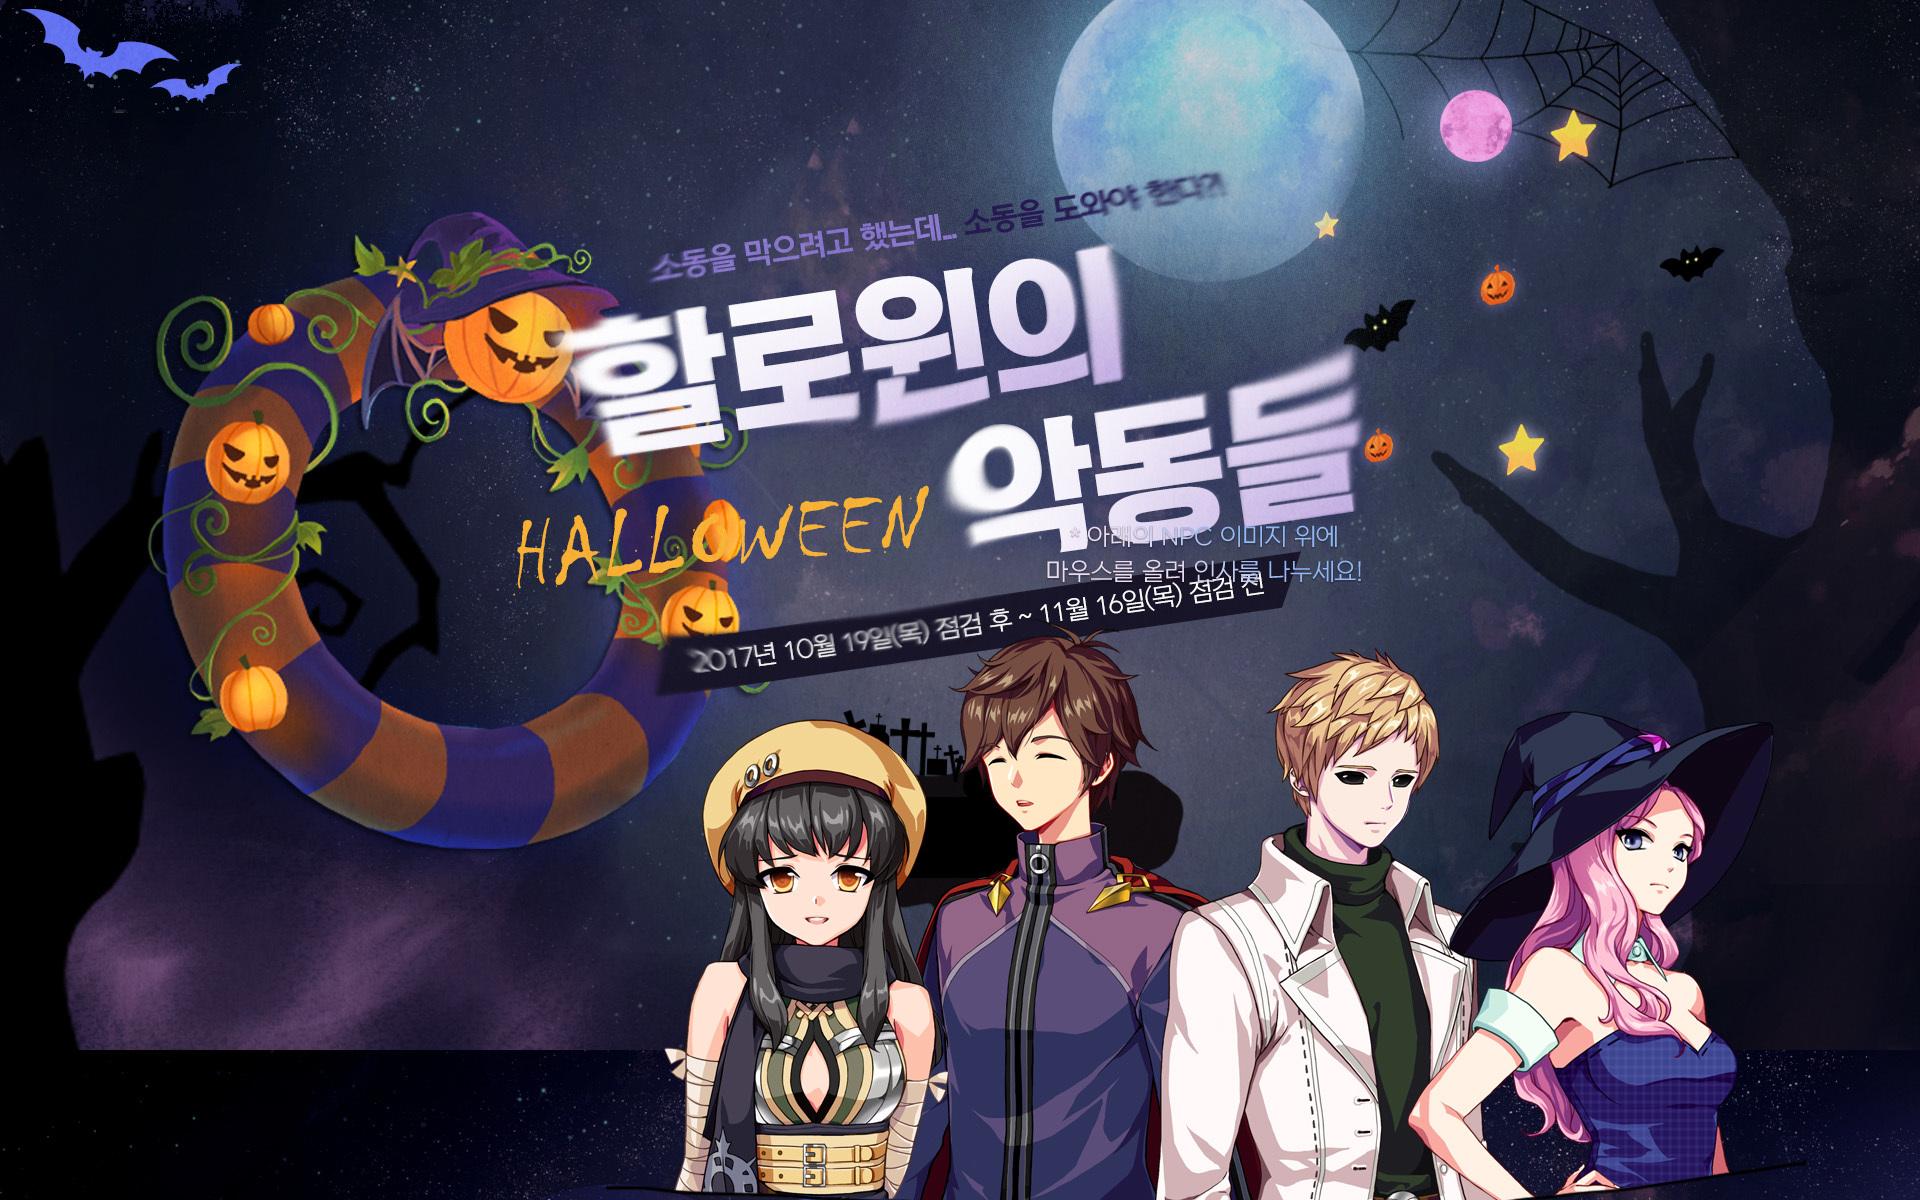 韓国ハロウィン